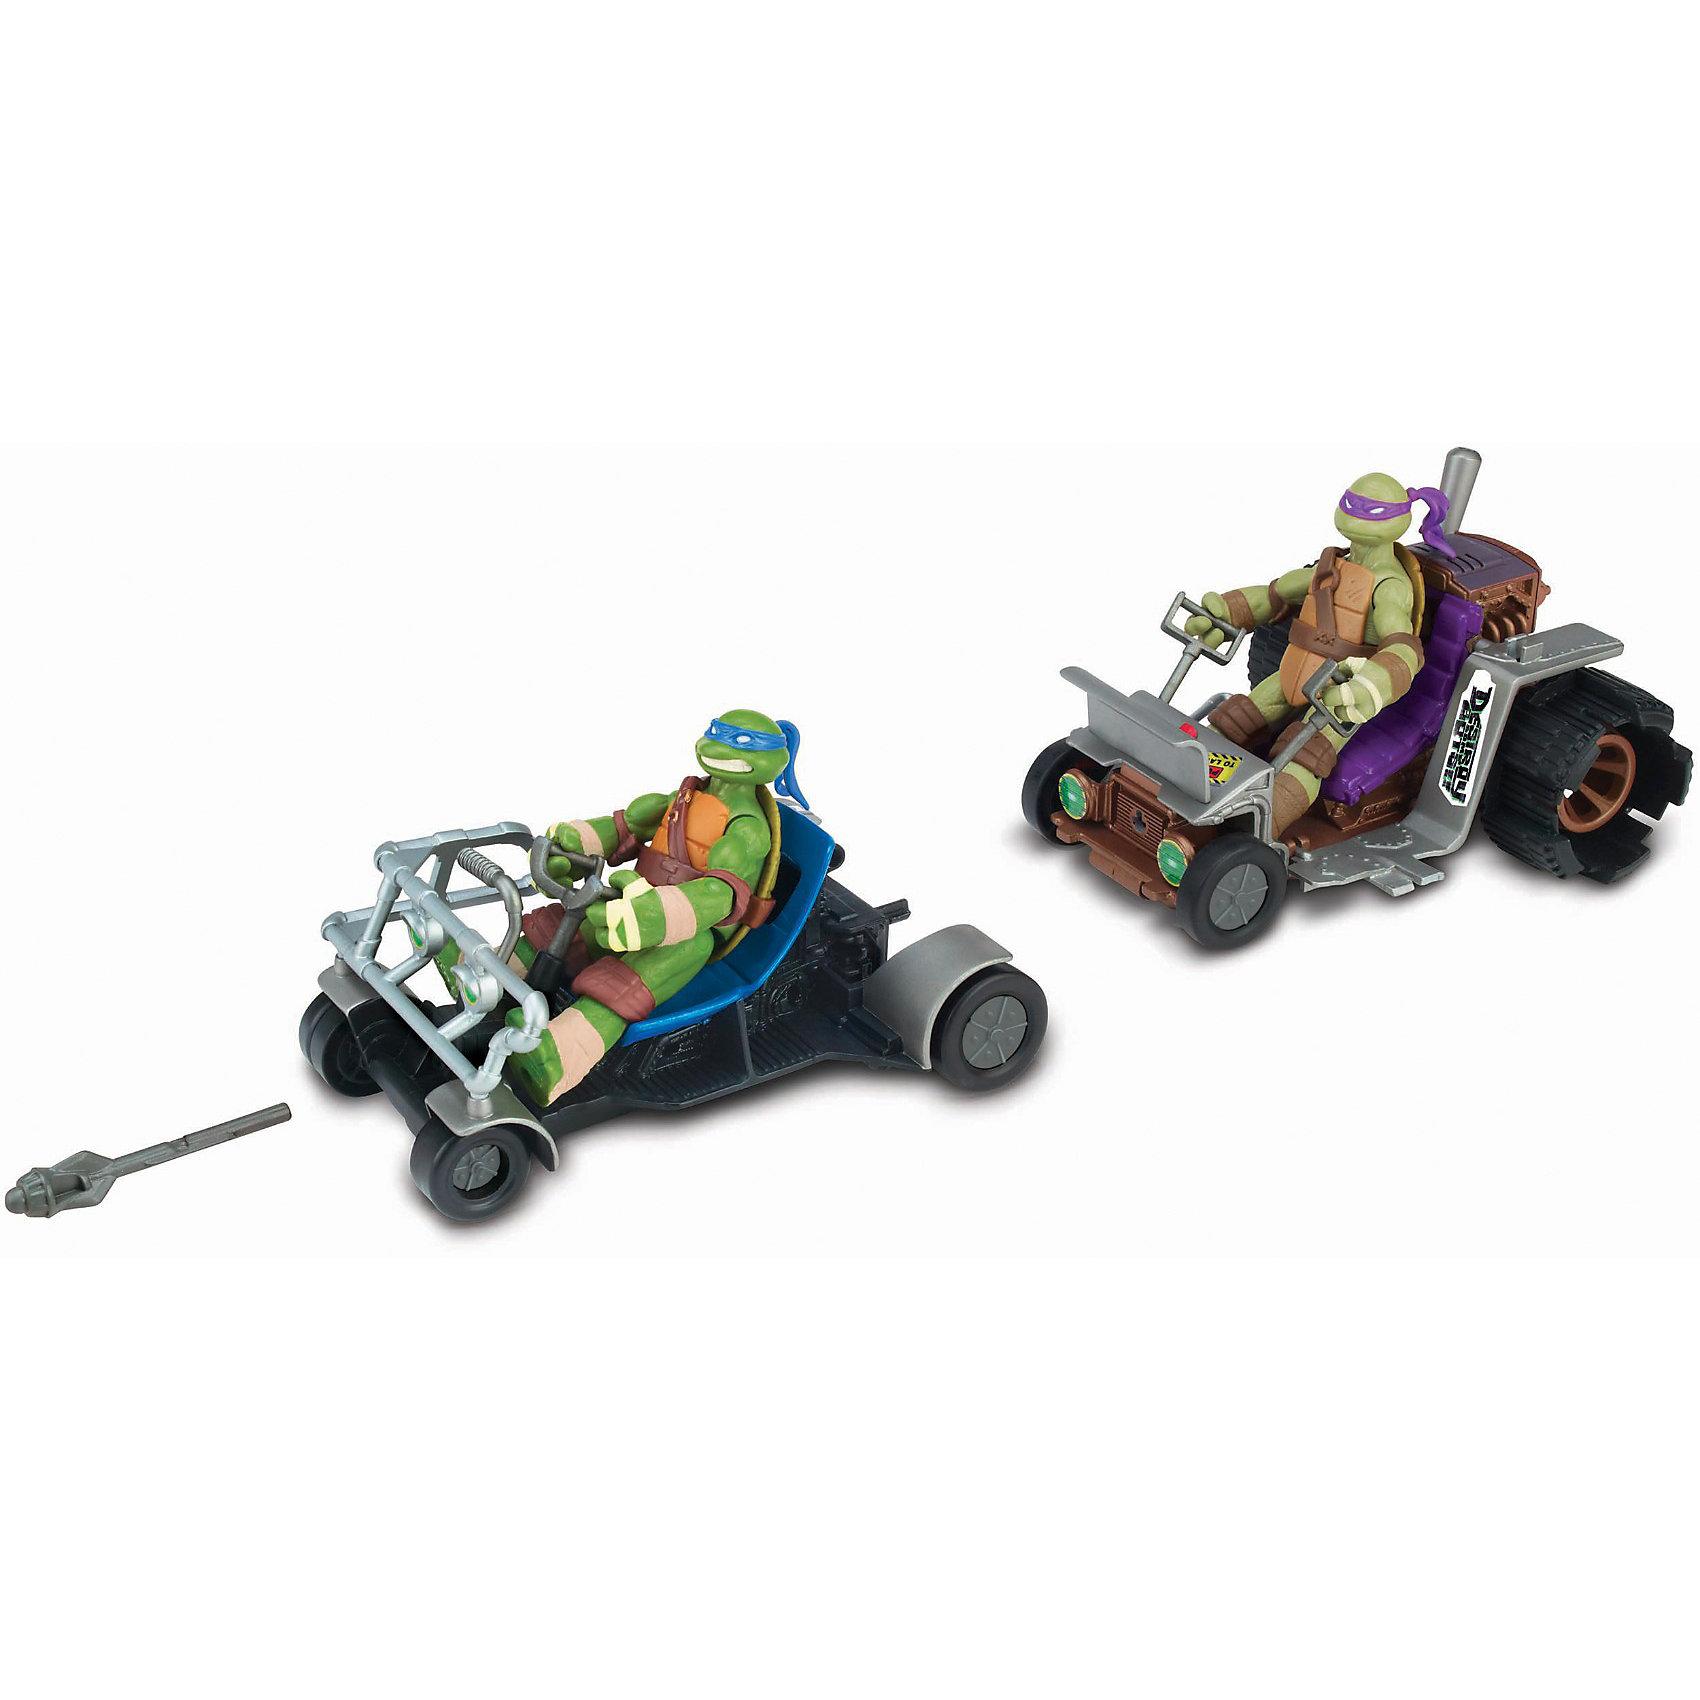 Патрульные Леонардо и Донателло, Черепашки НиндзяИгрушки<br>Патрульные багги «Черепашек-ниндзя» (Ninja Turtles) - игровой набор из двух боевых багги, предназначенных для Леонардо и Донателло.    <br>На место водителя  отлично подходит любая из фигурок «Черепашек- Ниндзя»  12см.<br>Патрульными багги можно играть, как отдельно, так и соединять две багги друг с другом.<br>С помощью нажатия  рычага багги Донателло  запускает  патрульную  багги  Леонардо, и та с ускорением мчится навстречу неприятелю.<br>Багги  Леонардо  оснащена специальным оружием, выпускающим боевые снаряды, одно нажатие на рычаг и снаряд летит точно в цель .<br>Багги также могут сцепляться с патрульными машинами Рафаэля и Микеланджело (продаются отдельно),образуя мощнейшее транспортное средство из четырёх патрульных багги.<br>Город может спать спокойно, ведь теперь его патрулируют самые смелые герои на своих скороходных багги.<br>Данный игровой набор развивает фантазию, воображение, умение создать сюжетно- ролевую игру. Патрульные багги Черепашек-Ниндзя» продаются  в яркой и красивой упаковке.<br><br>Боевые машины — это новое секретное оружие в арсенале Черепашек Ниндзя!<br> <br>Дополнительная информация:<br><br>- В комплекте: две багги и снаряд. Внимание! Фигурки «Черепашек-ниндзя» в комплект не входят и продаются отдельно<br>- Размер упаковки (ДхШхВ): 33 х 11 х 19 см.<br>- Игрушка механическая, не электронная, батареек не требует. <br>- Материал: Пластик<br>- Вес: 0,5 кг.<br><br>«Патрульные Багги(Лео и Дон), Черепашки Ниндзя» можно купить в нашем интернет-магазине.<br><br>Ширина мм: 330<br>Глубина мм: 110<br>Высота мм: 190<br>Вес г: 500<br>Возраст от месяцев: 48<br>Возраст до месяцев: 132<br>Пол: Мужской<br>Возраст: Детский<br>SKU: 3377414